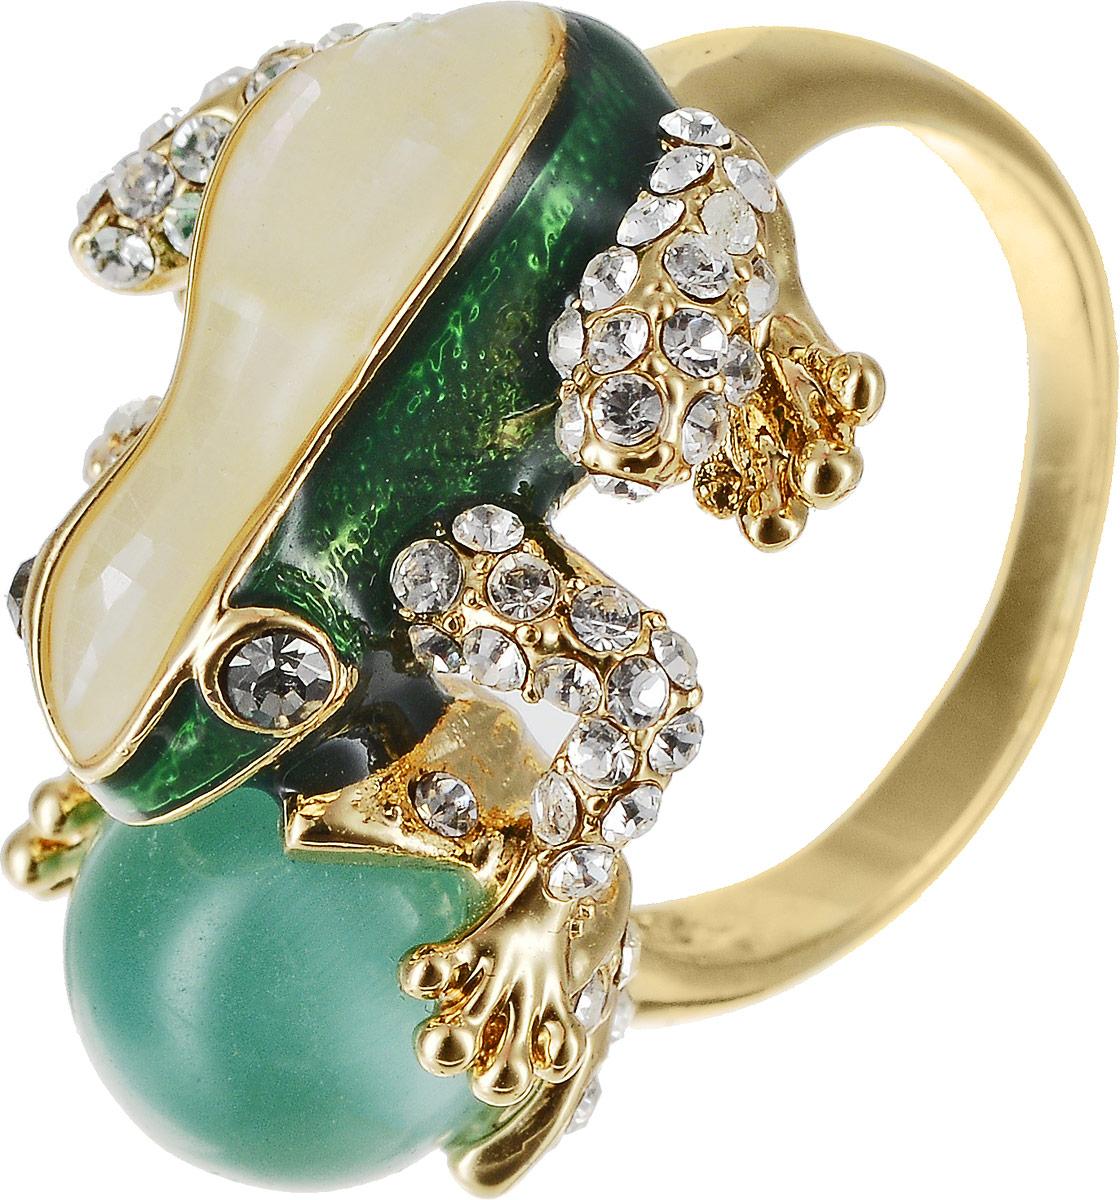 Кольцо Art-Silver, цвет: золотой, зеленый. 055R-1283. Размер 17,5 серьги art silver цвет золотой сргч5008 425